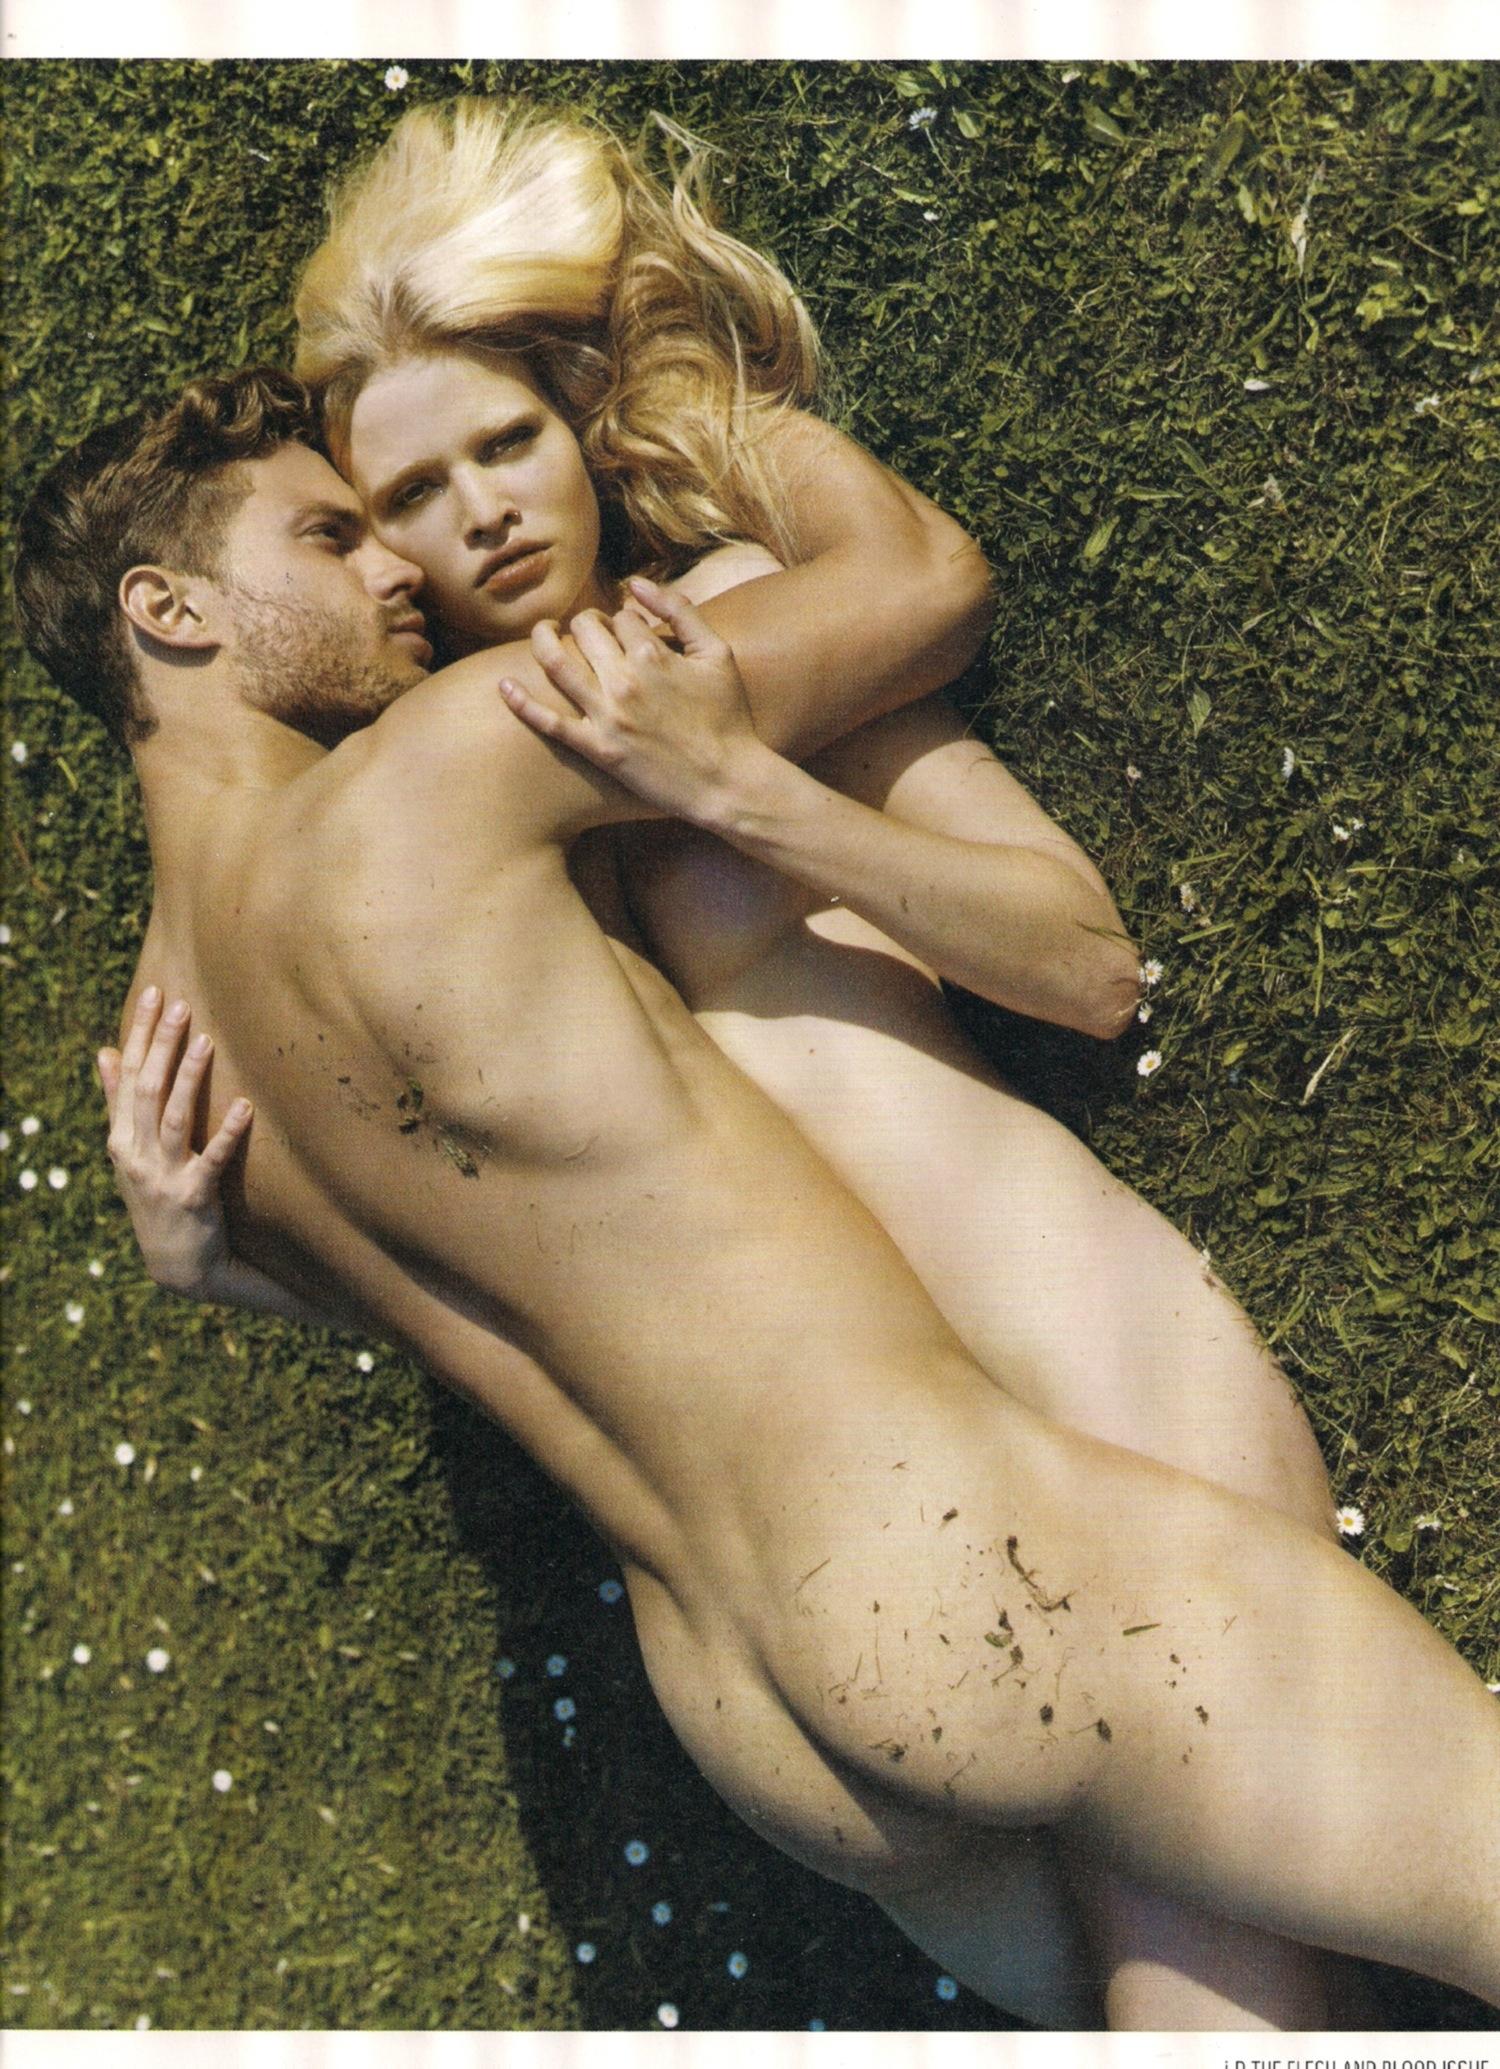 Фото голых полных мужчин 19 фотография